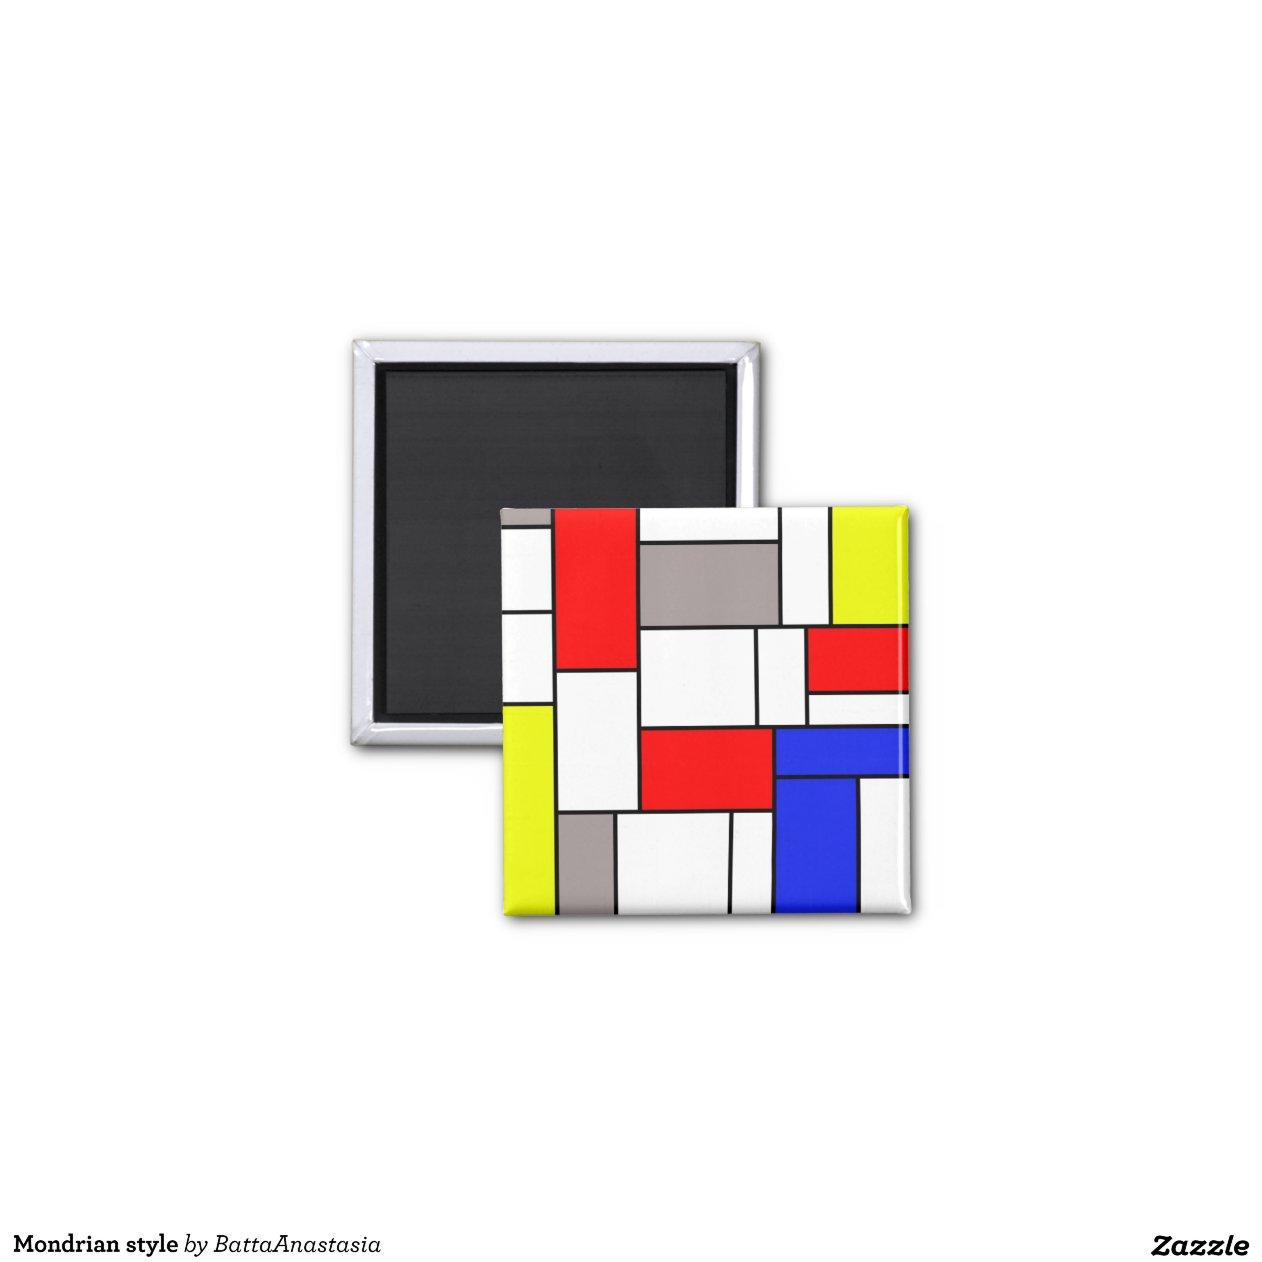 Mondrian style zazzle - Tapis style mondrian ...